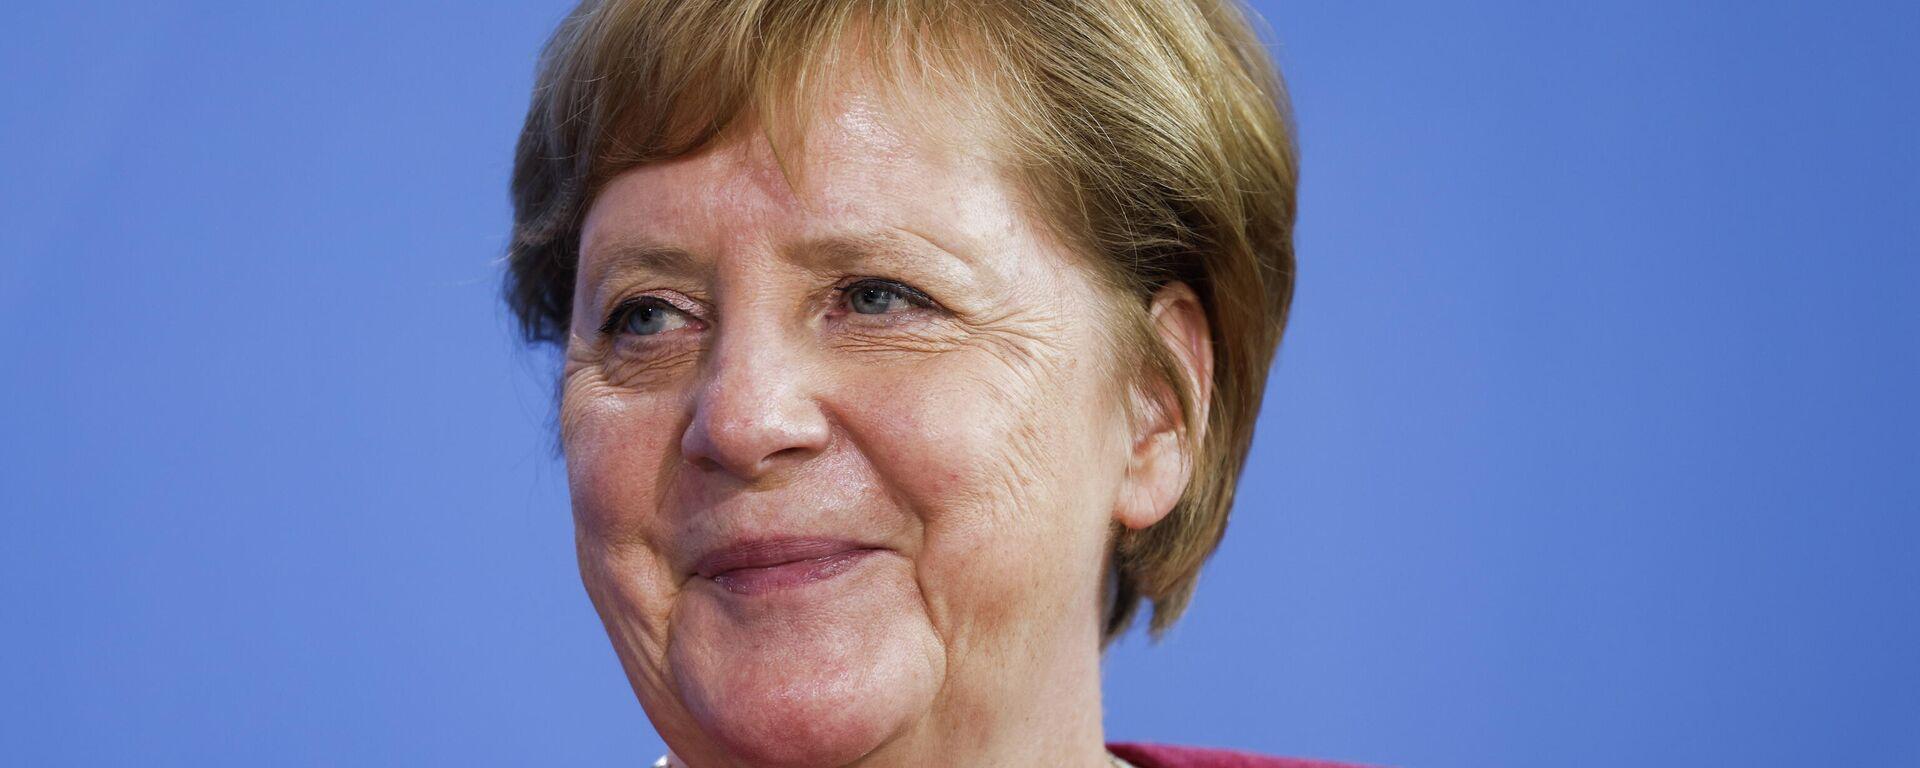 Bundeskanzlerin Angela Merkel  - SNA, 1920, 15.07.2021